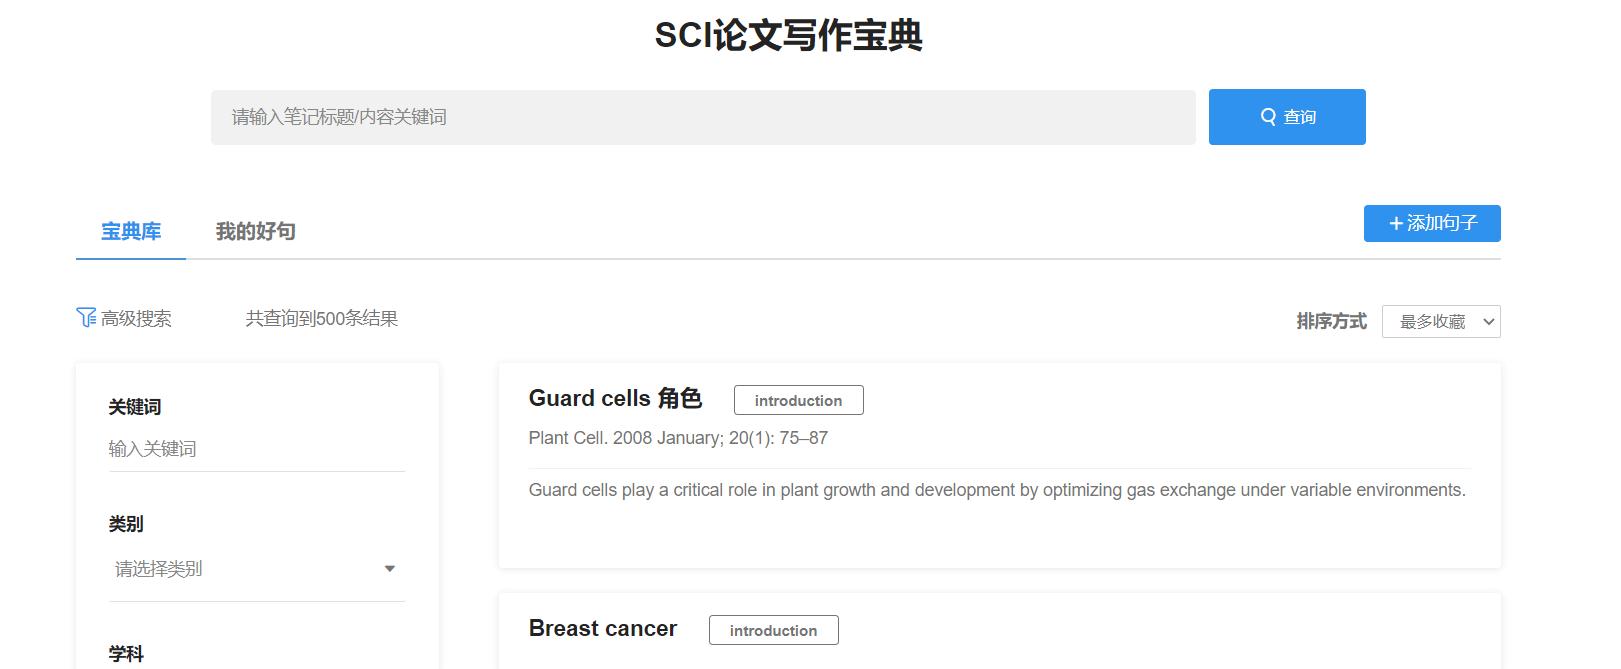 学术搜索引擎-论文必备工具-SCI论文写作宝典